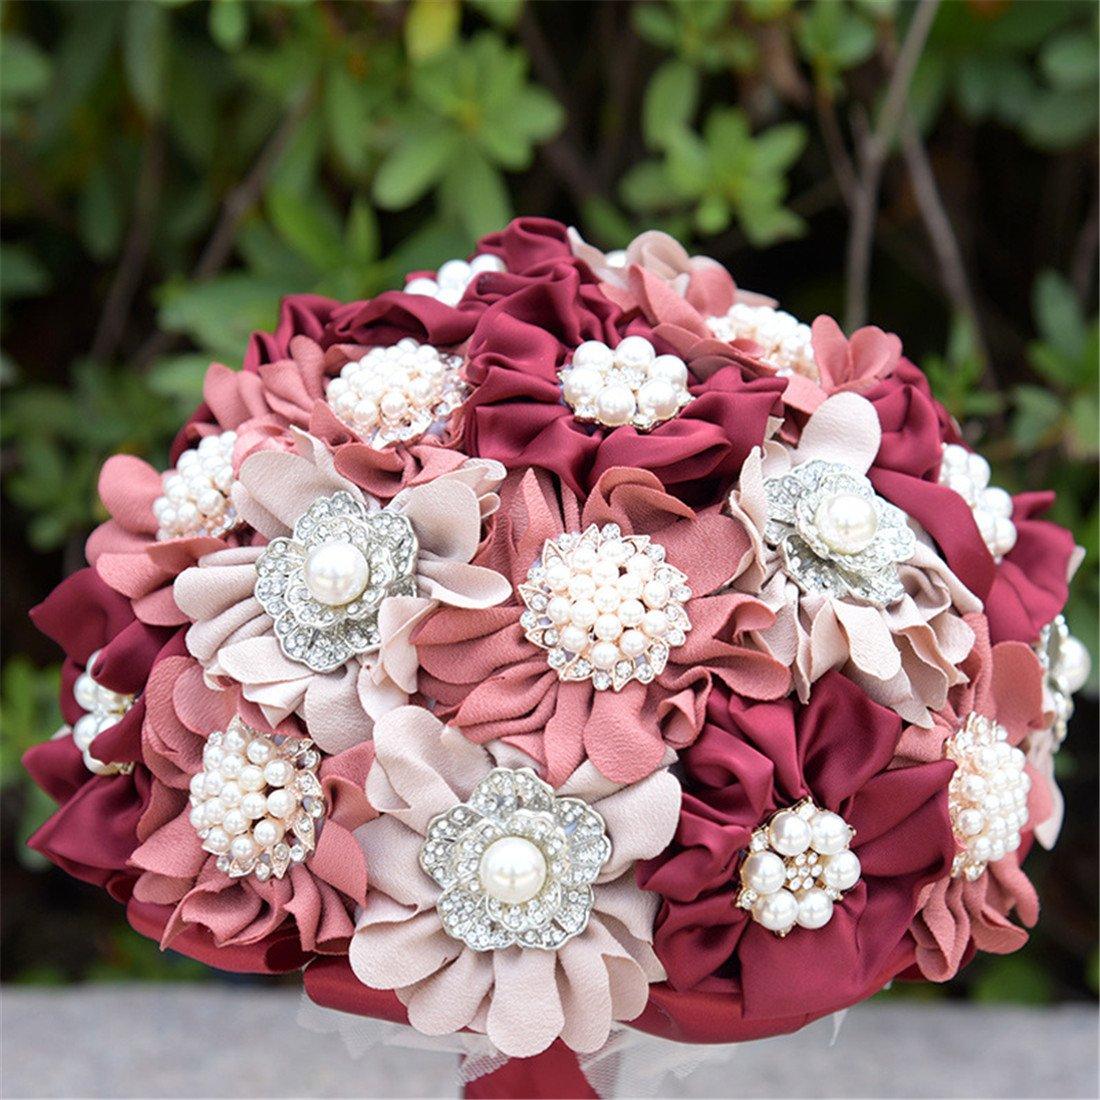 Amazon.com: FYSTORE Bride Bridesmaids Wedding Bouquet Crystal ...